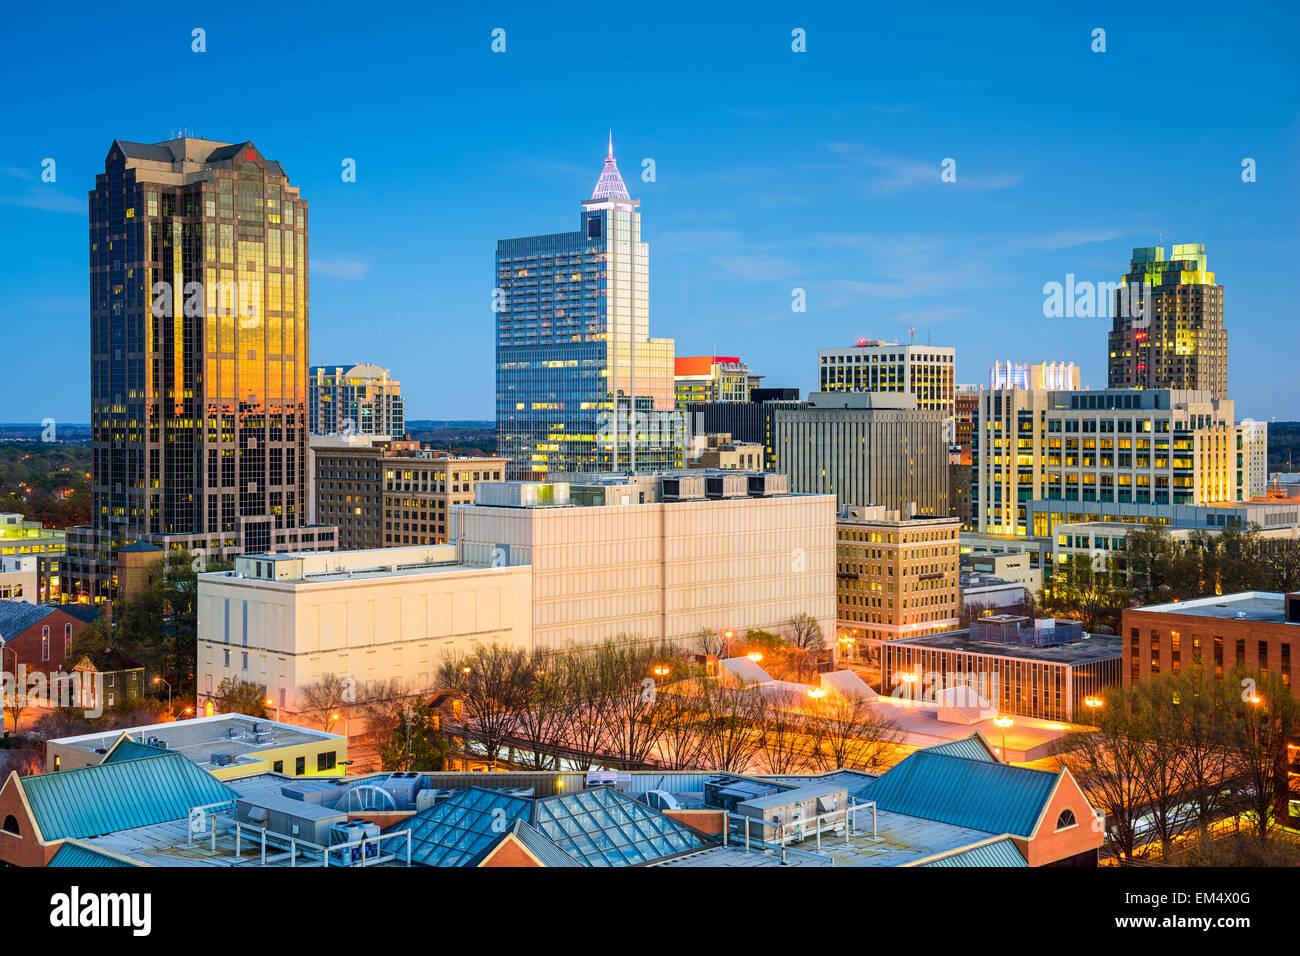 Raleigh, Carolina del Norte, EE.UU. Perfil del centro de la ciudad. Imagen De Stock